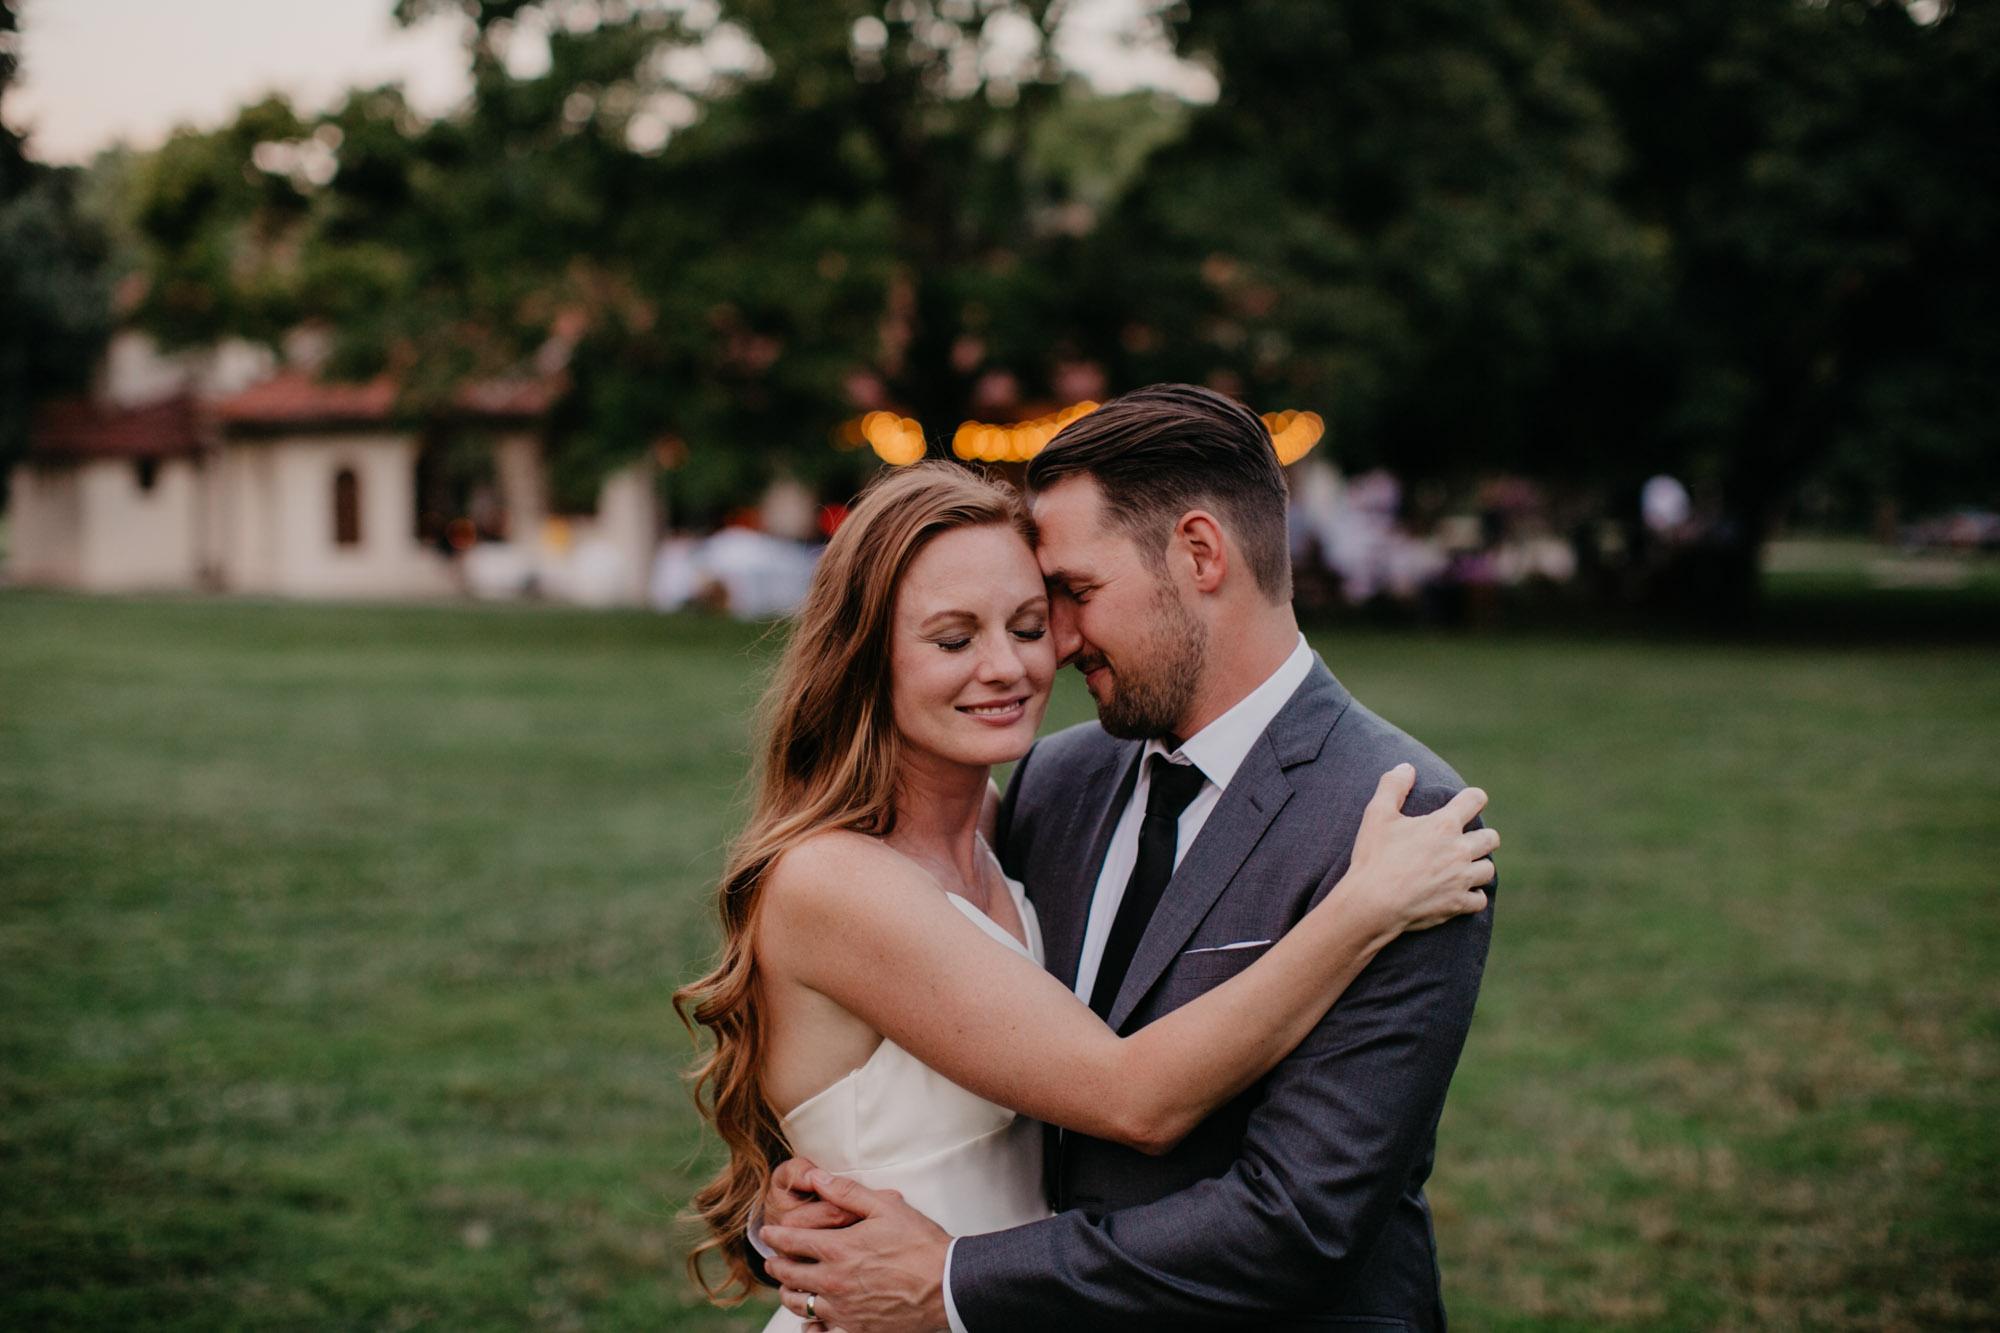 elmwood-park-wedding-photographer-nicole-jon-32.jpg